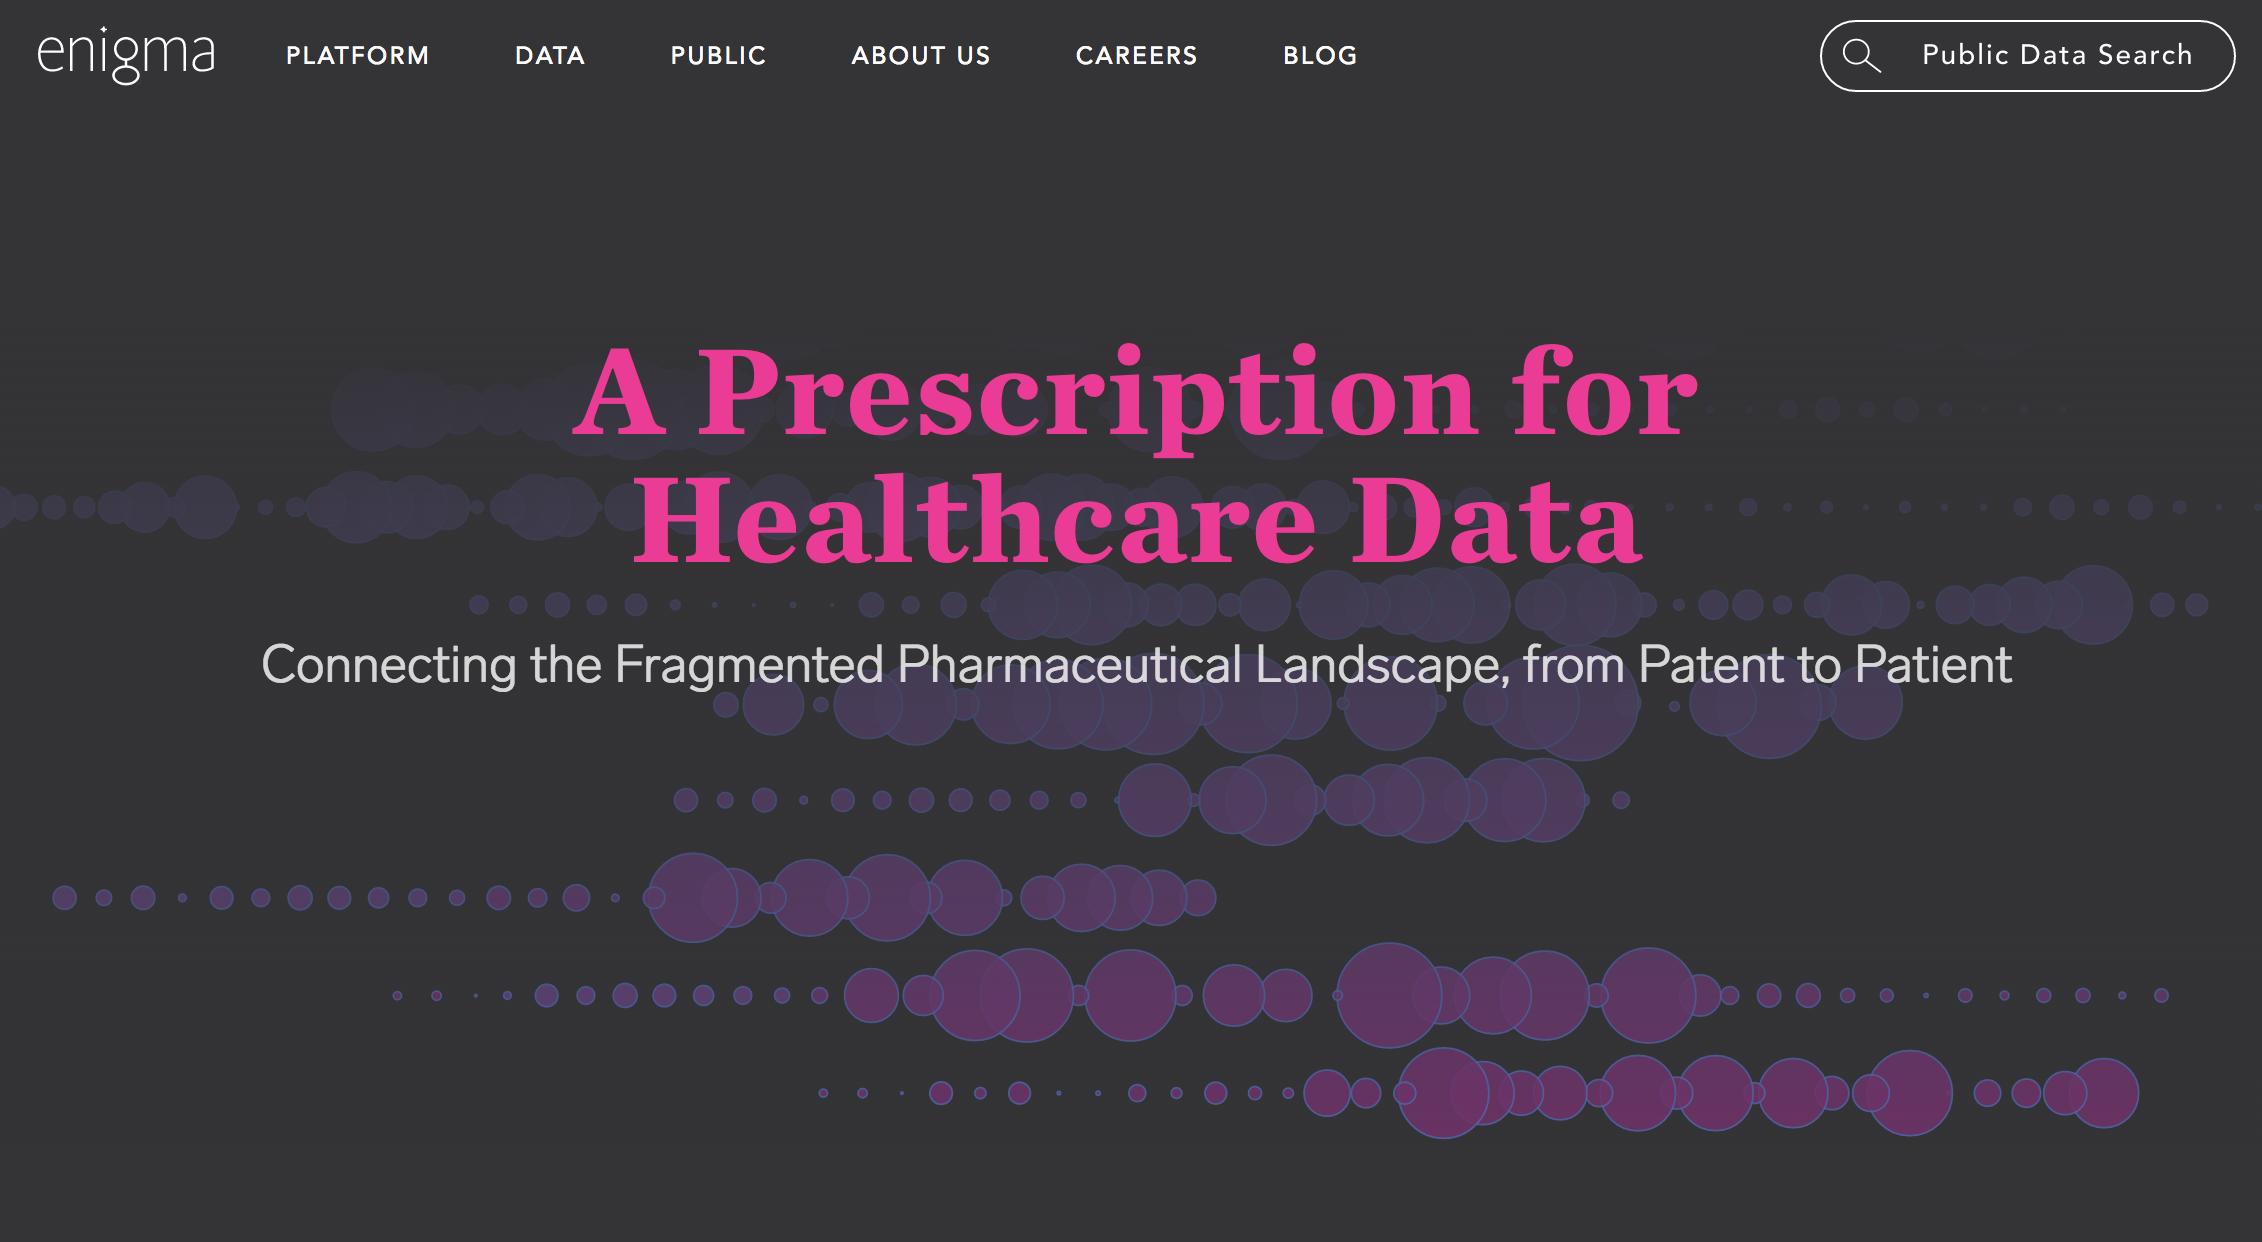 A Prescription for Healthcare Data